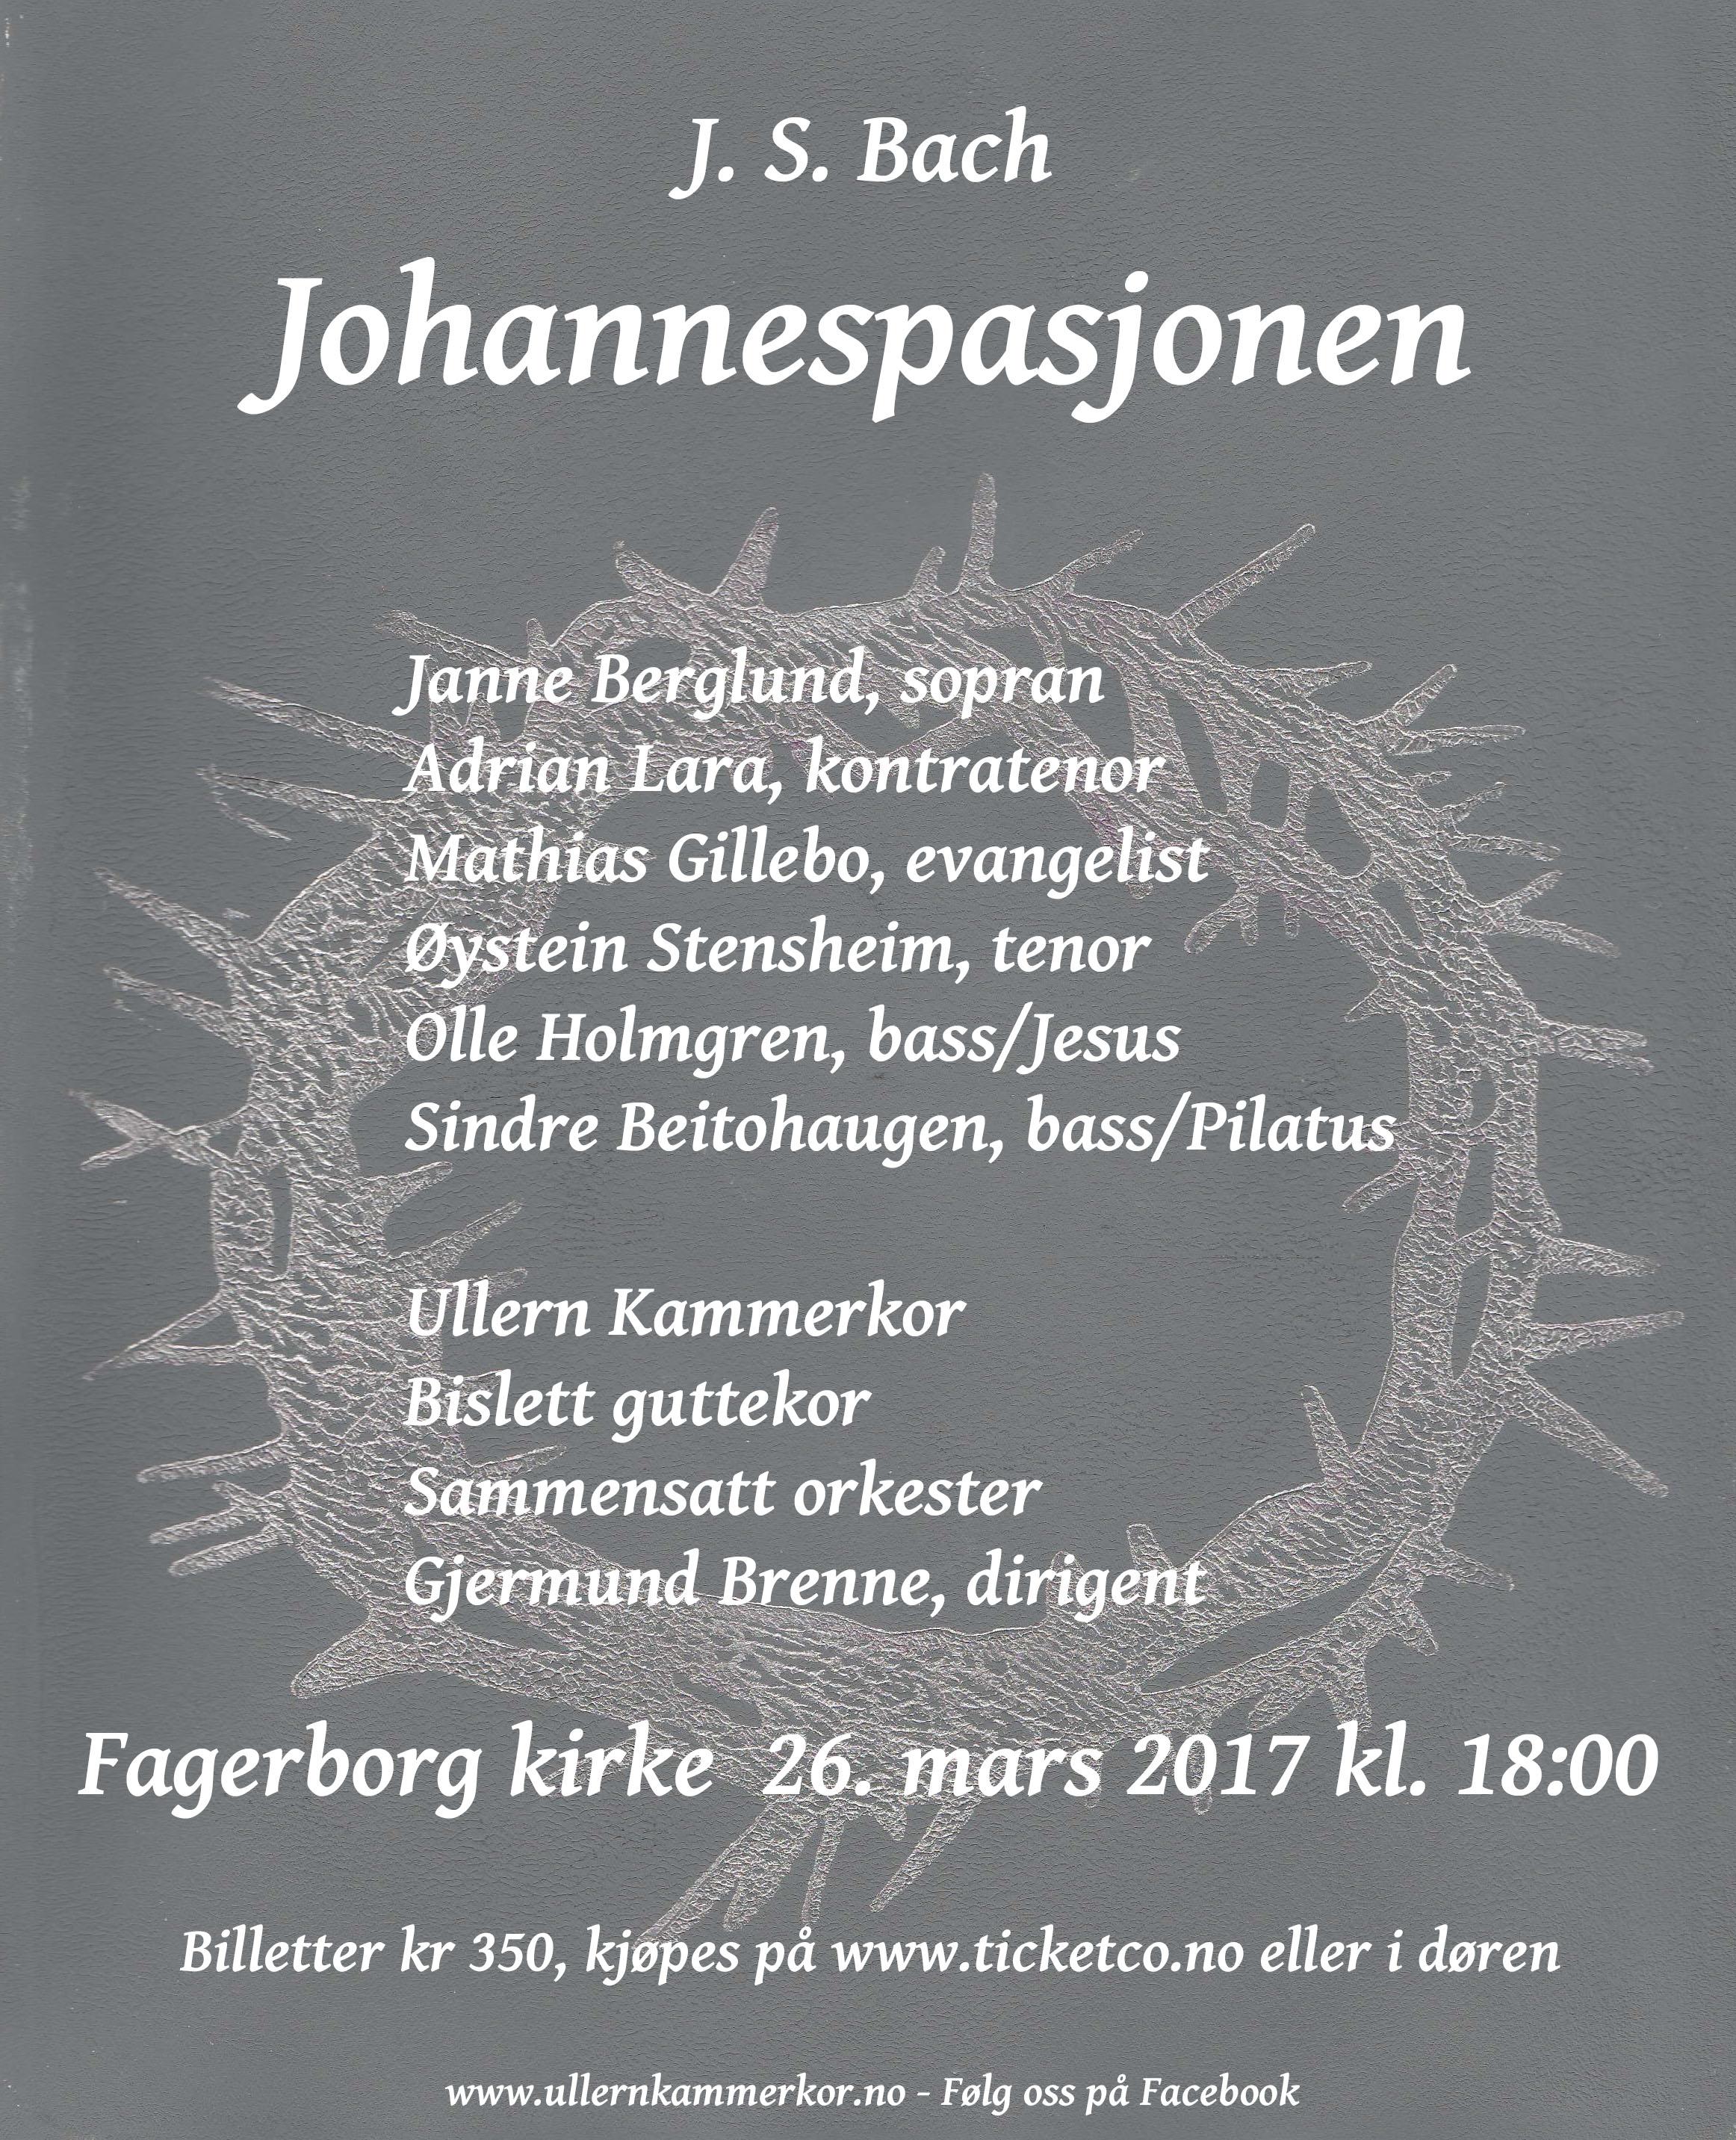 Bach Johannespasjonen Plakatsiste